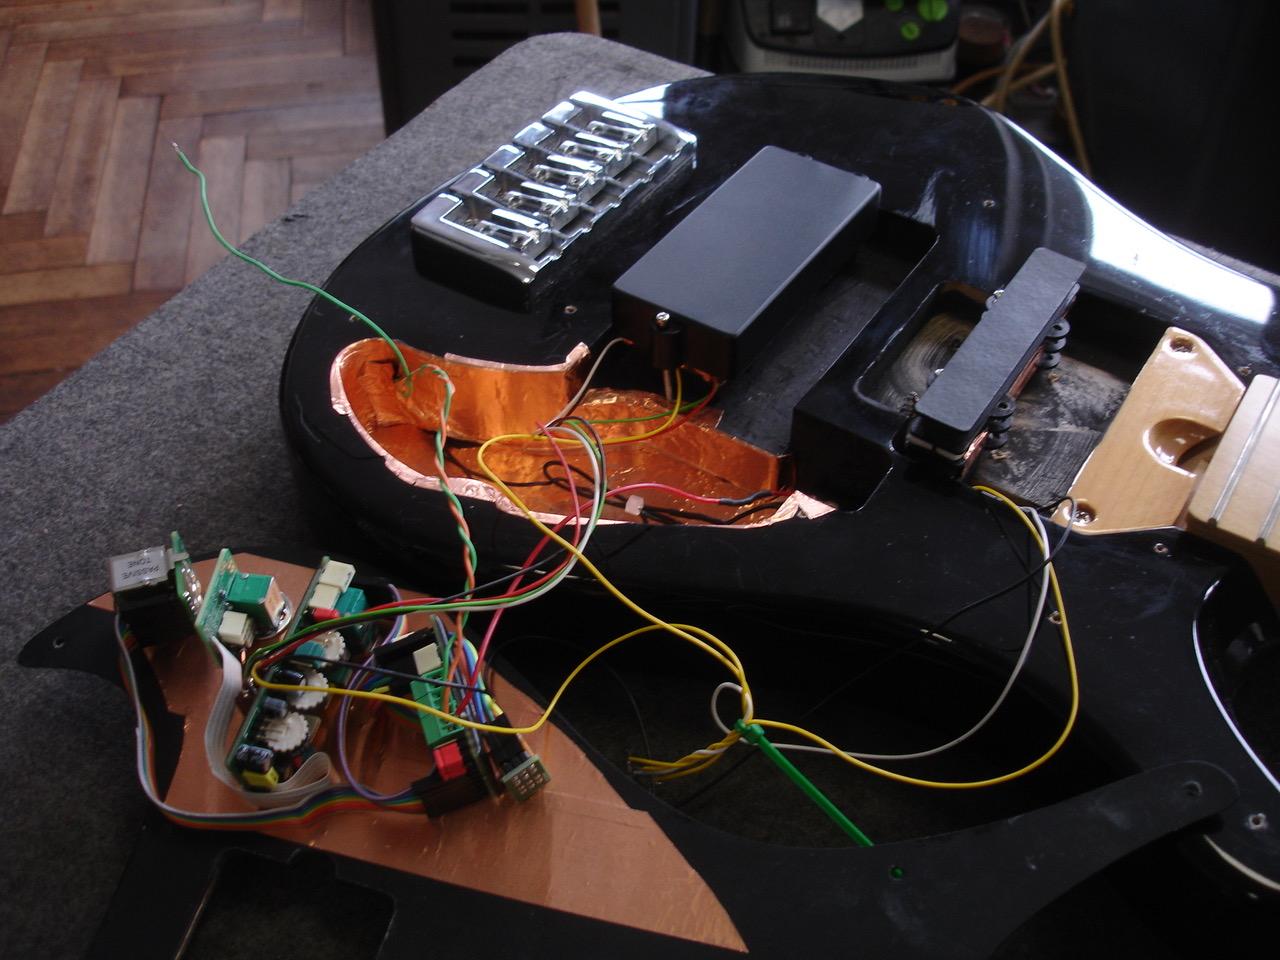 - Als die Abnehmer da waren, montierte ich Elektronik und Abnehmer auf das spezielle Schlagbrett und mir wurde klar, um diese Elektronik vernünftig einzustellen, muss man erstmal, um mehr Platz zu haben, die Buchse seitlich anbringen, und außerdem von hinten drankönnen. Denn man möchte ja nicht jedesmal Saiten und Schlagbrett abnehmen, um Feineinstellungen an der UNI-PRE Elektronik vornehmen zu können.